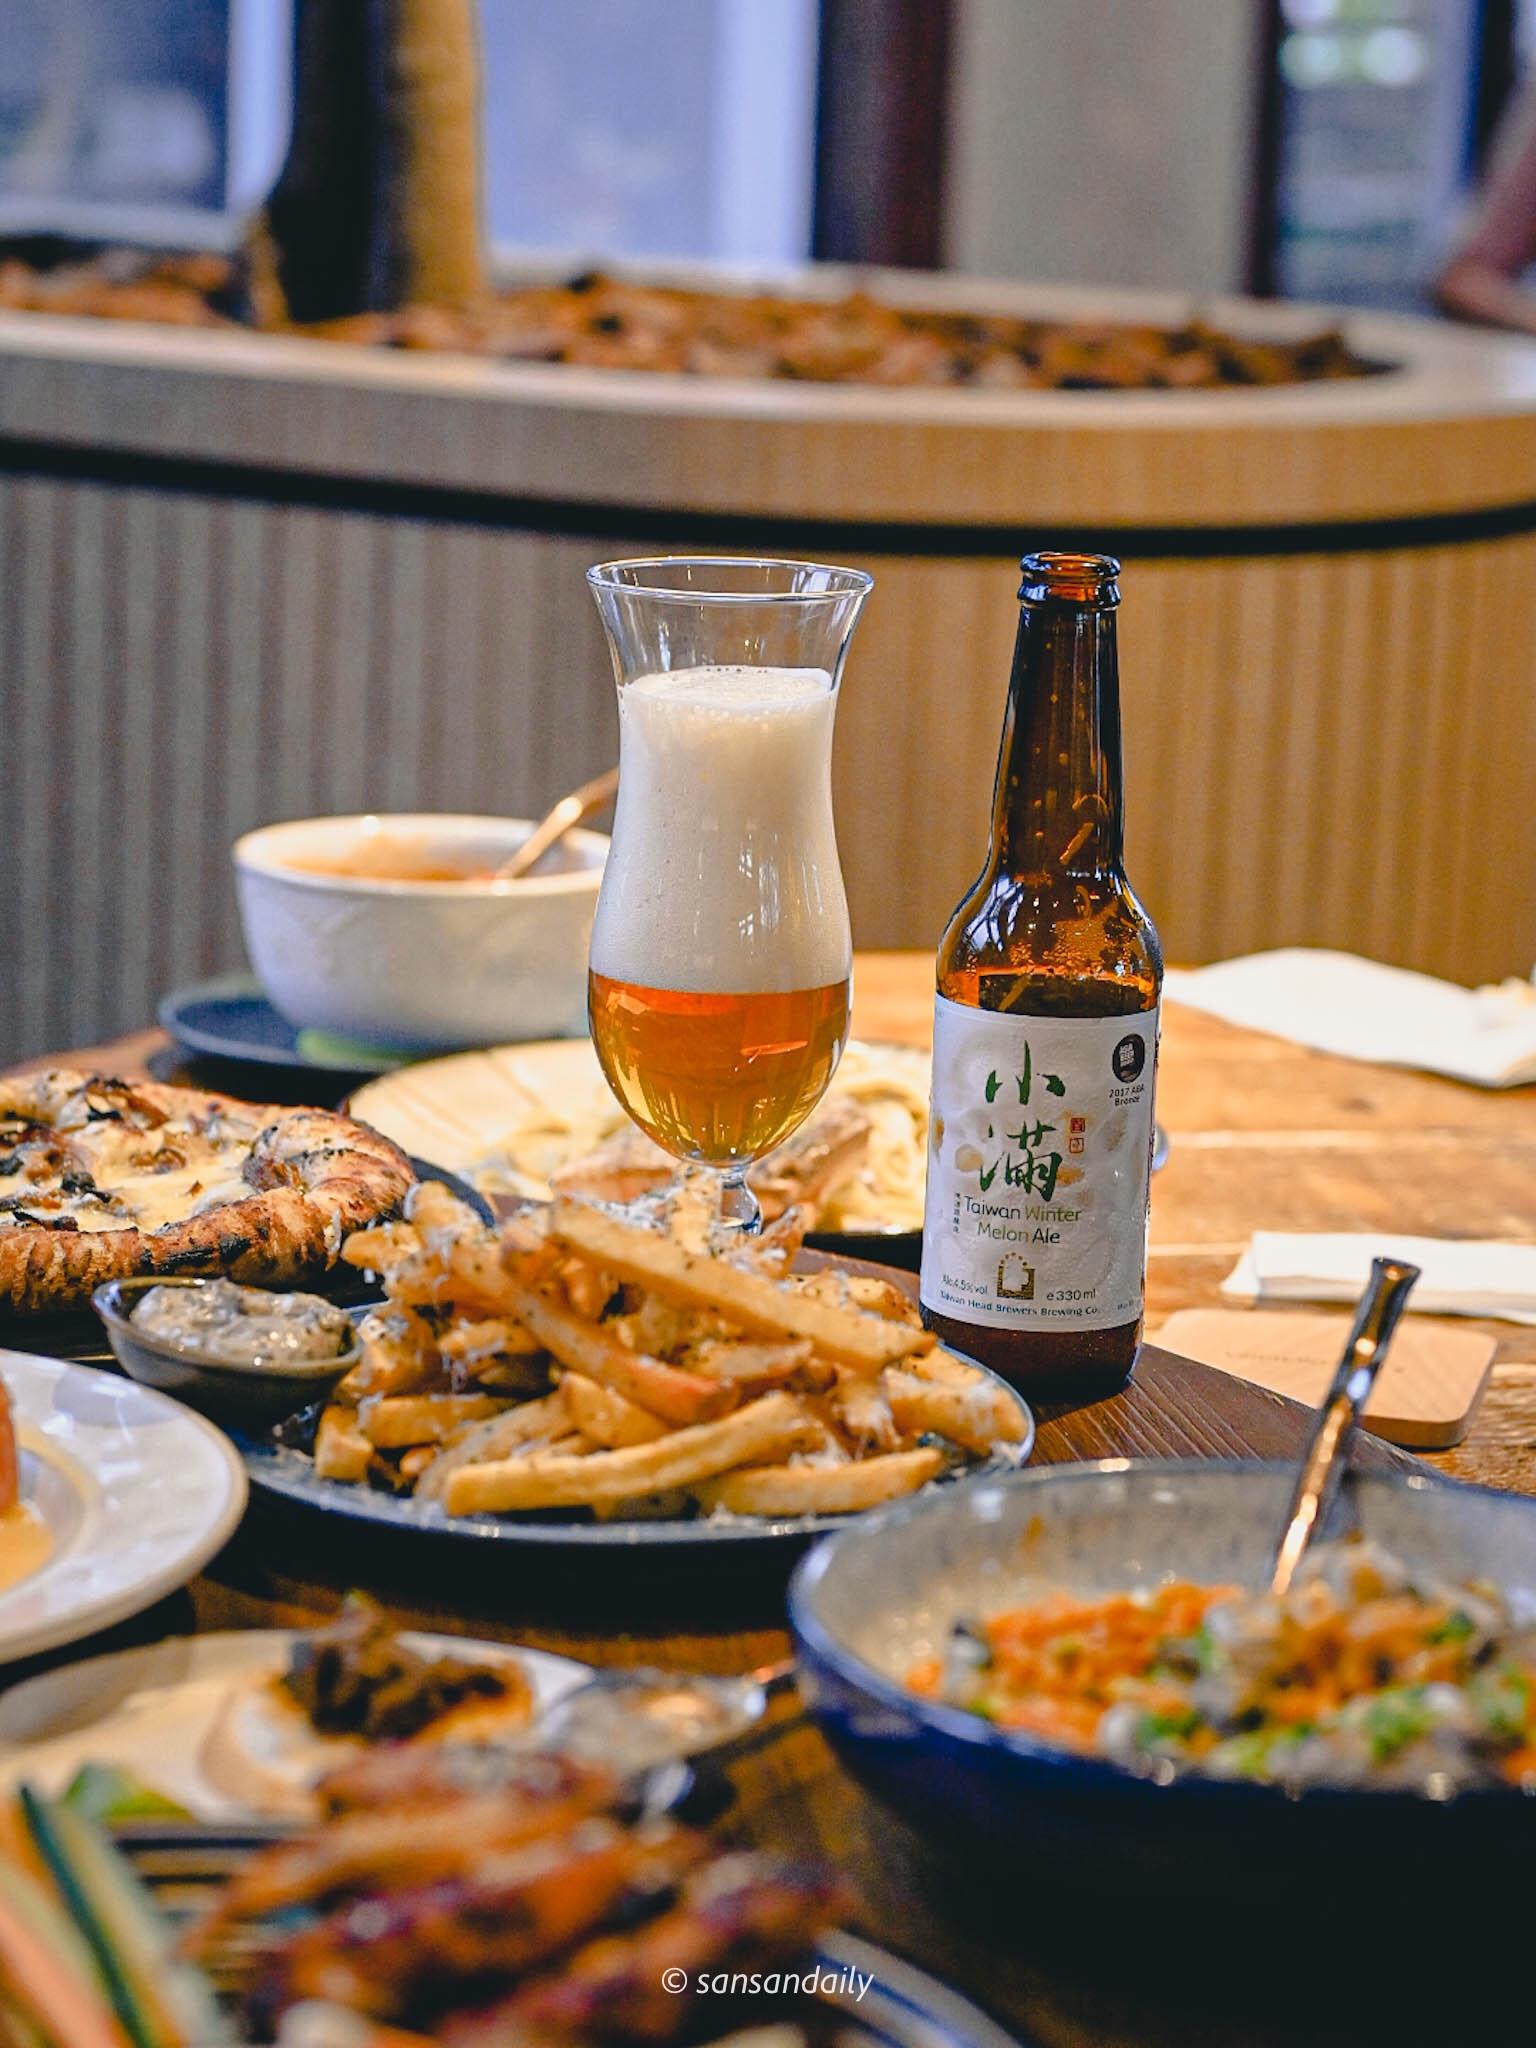 GUMGUM Beer & Wings餐桌上酒杯與餐盤情境圖